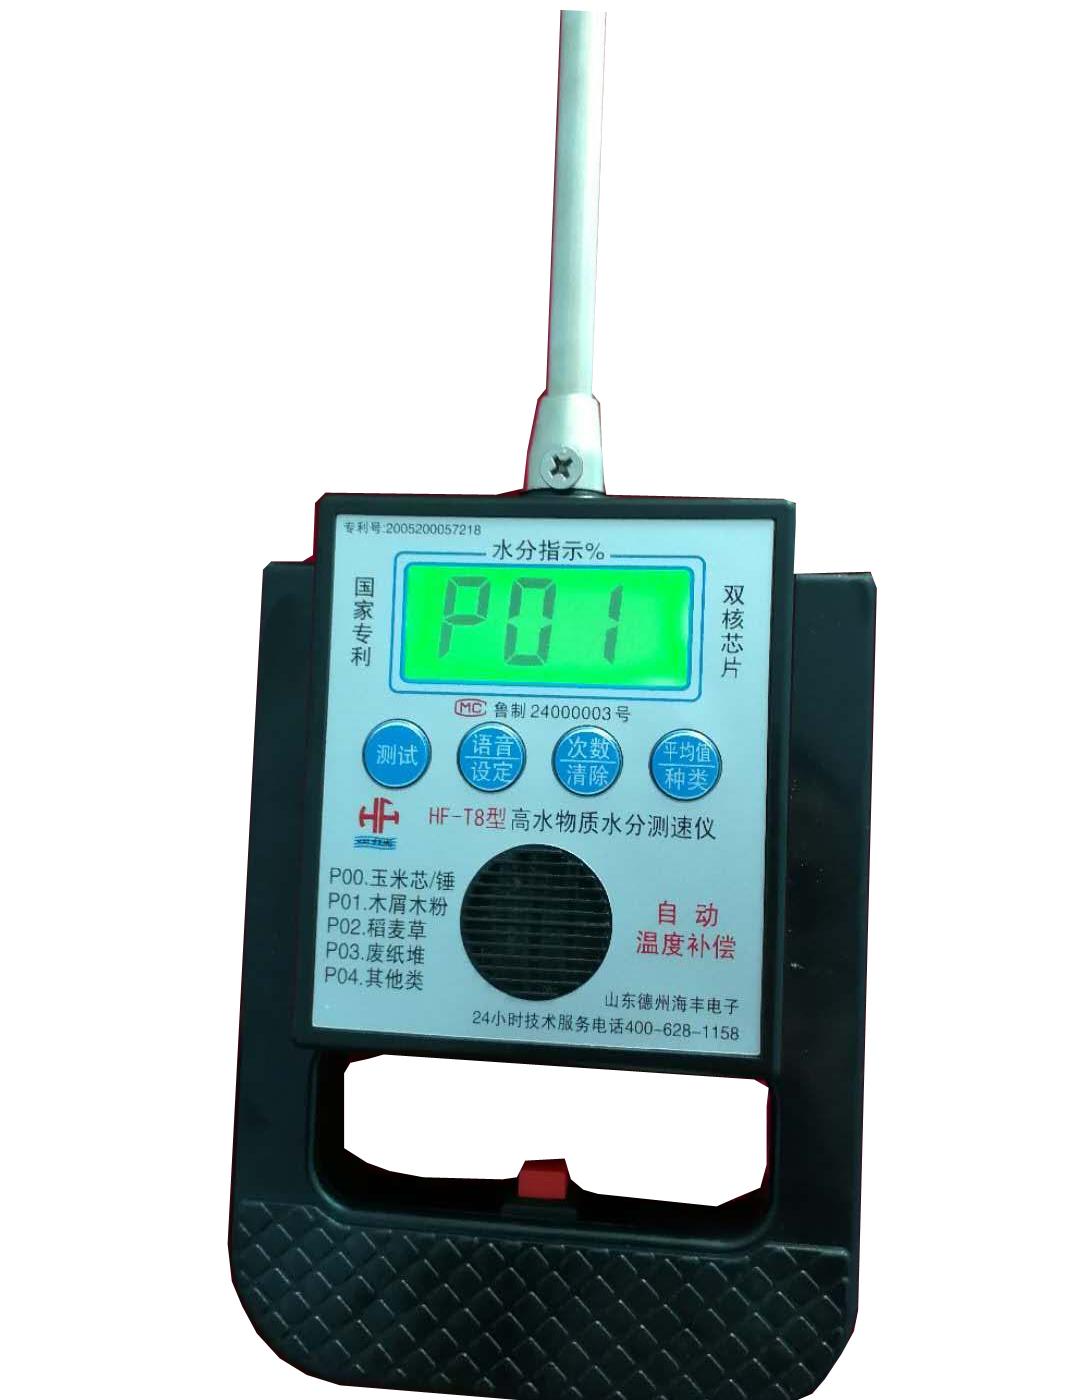 单杆高水物质水分仪 HF-T8 型